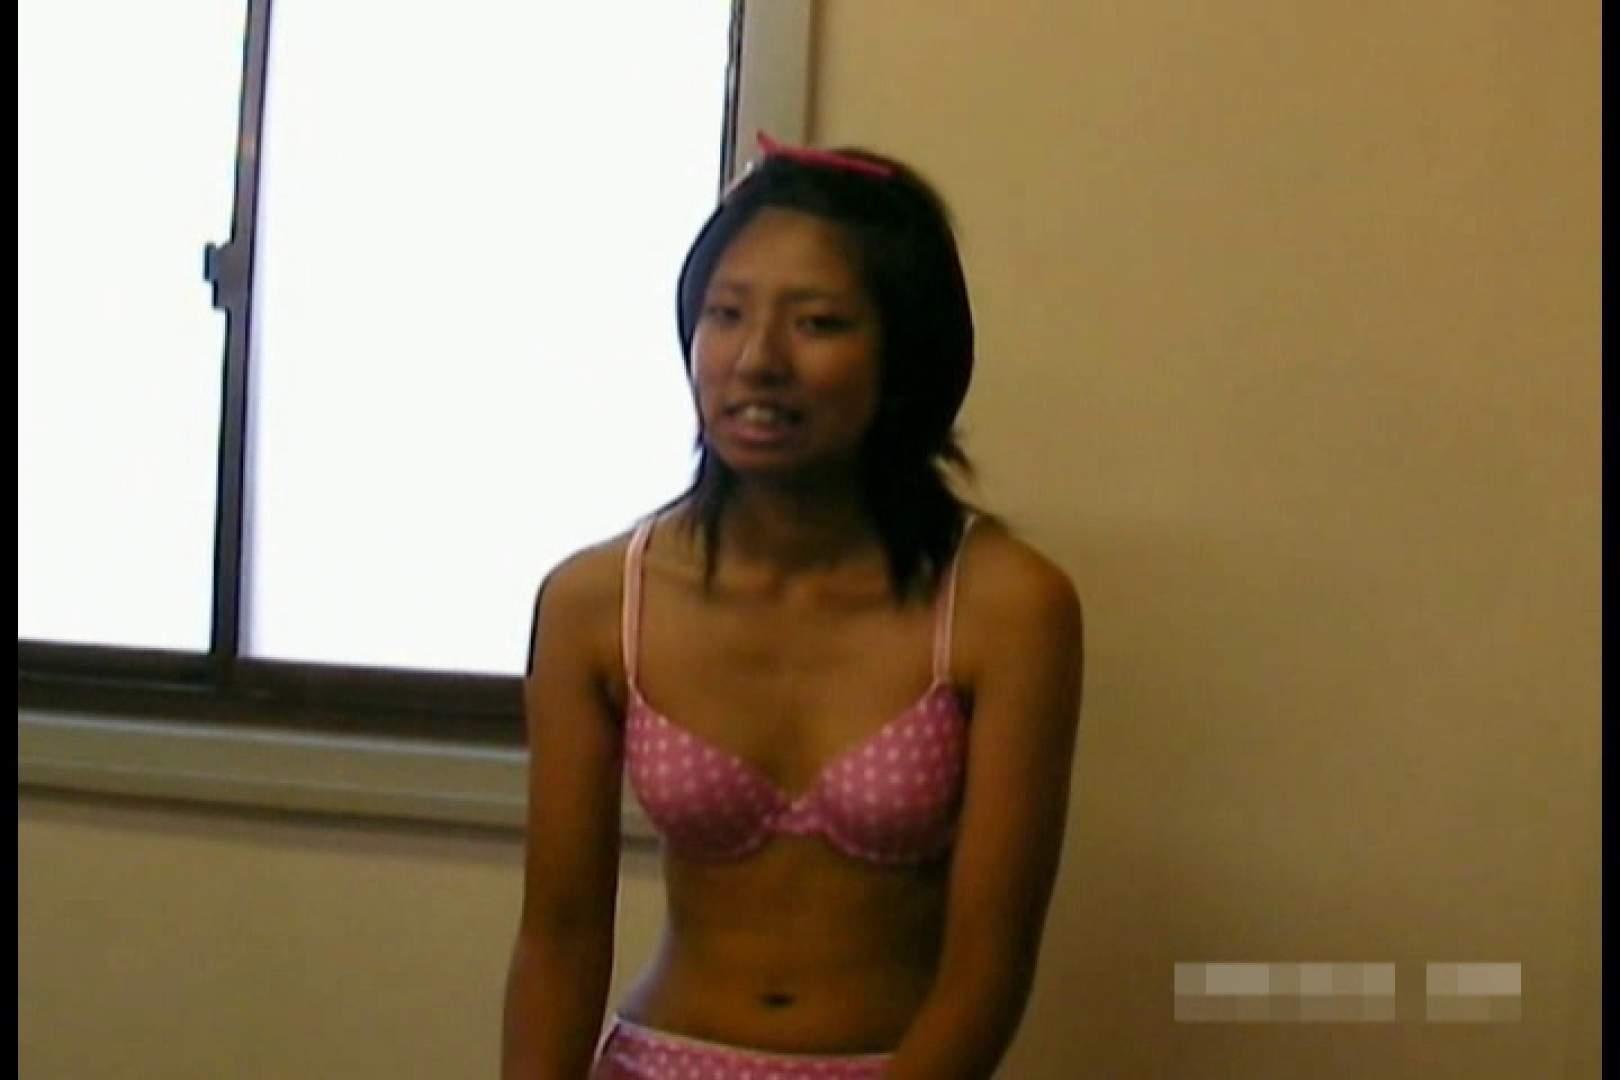 素人撮影 下着だけの撮影のはずが・・・エミちゃん18歳 丸見え えろ無修正画像 105連発 23